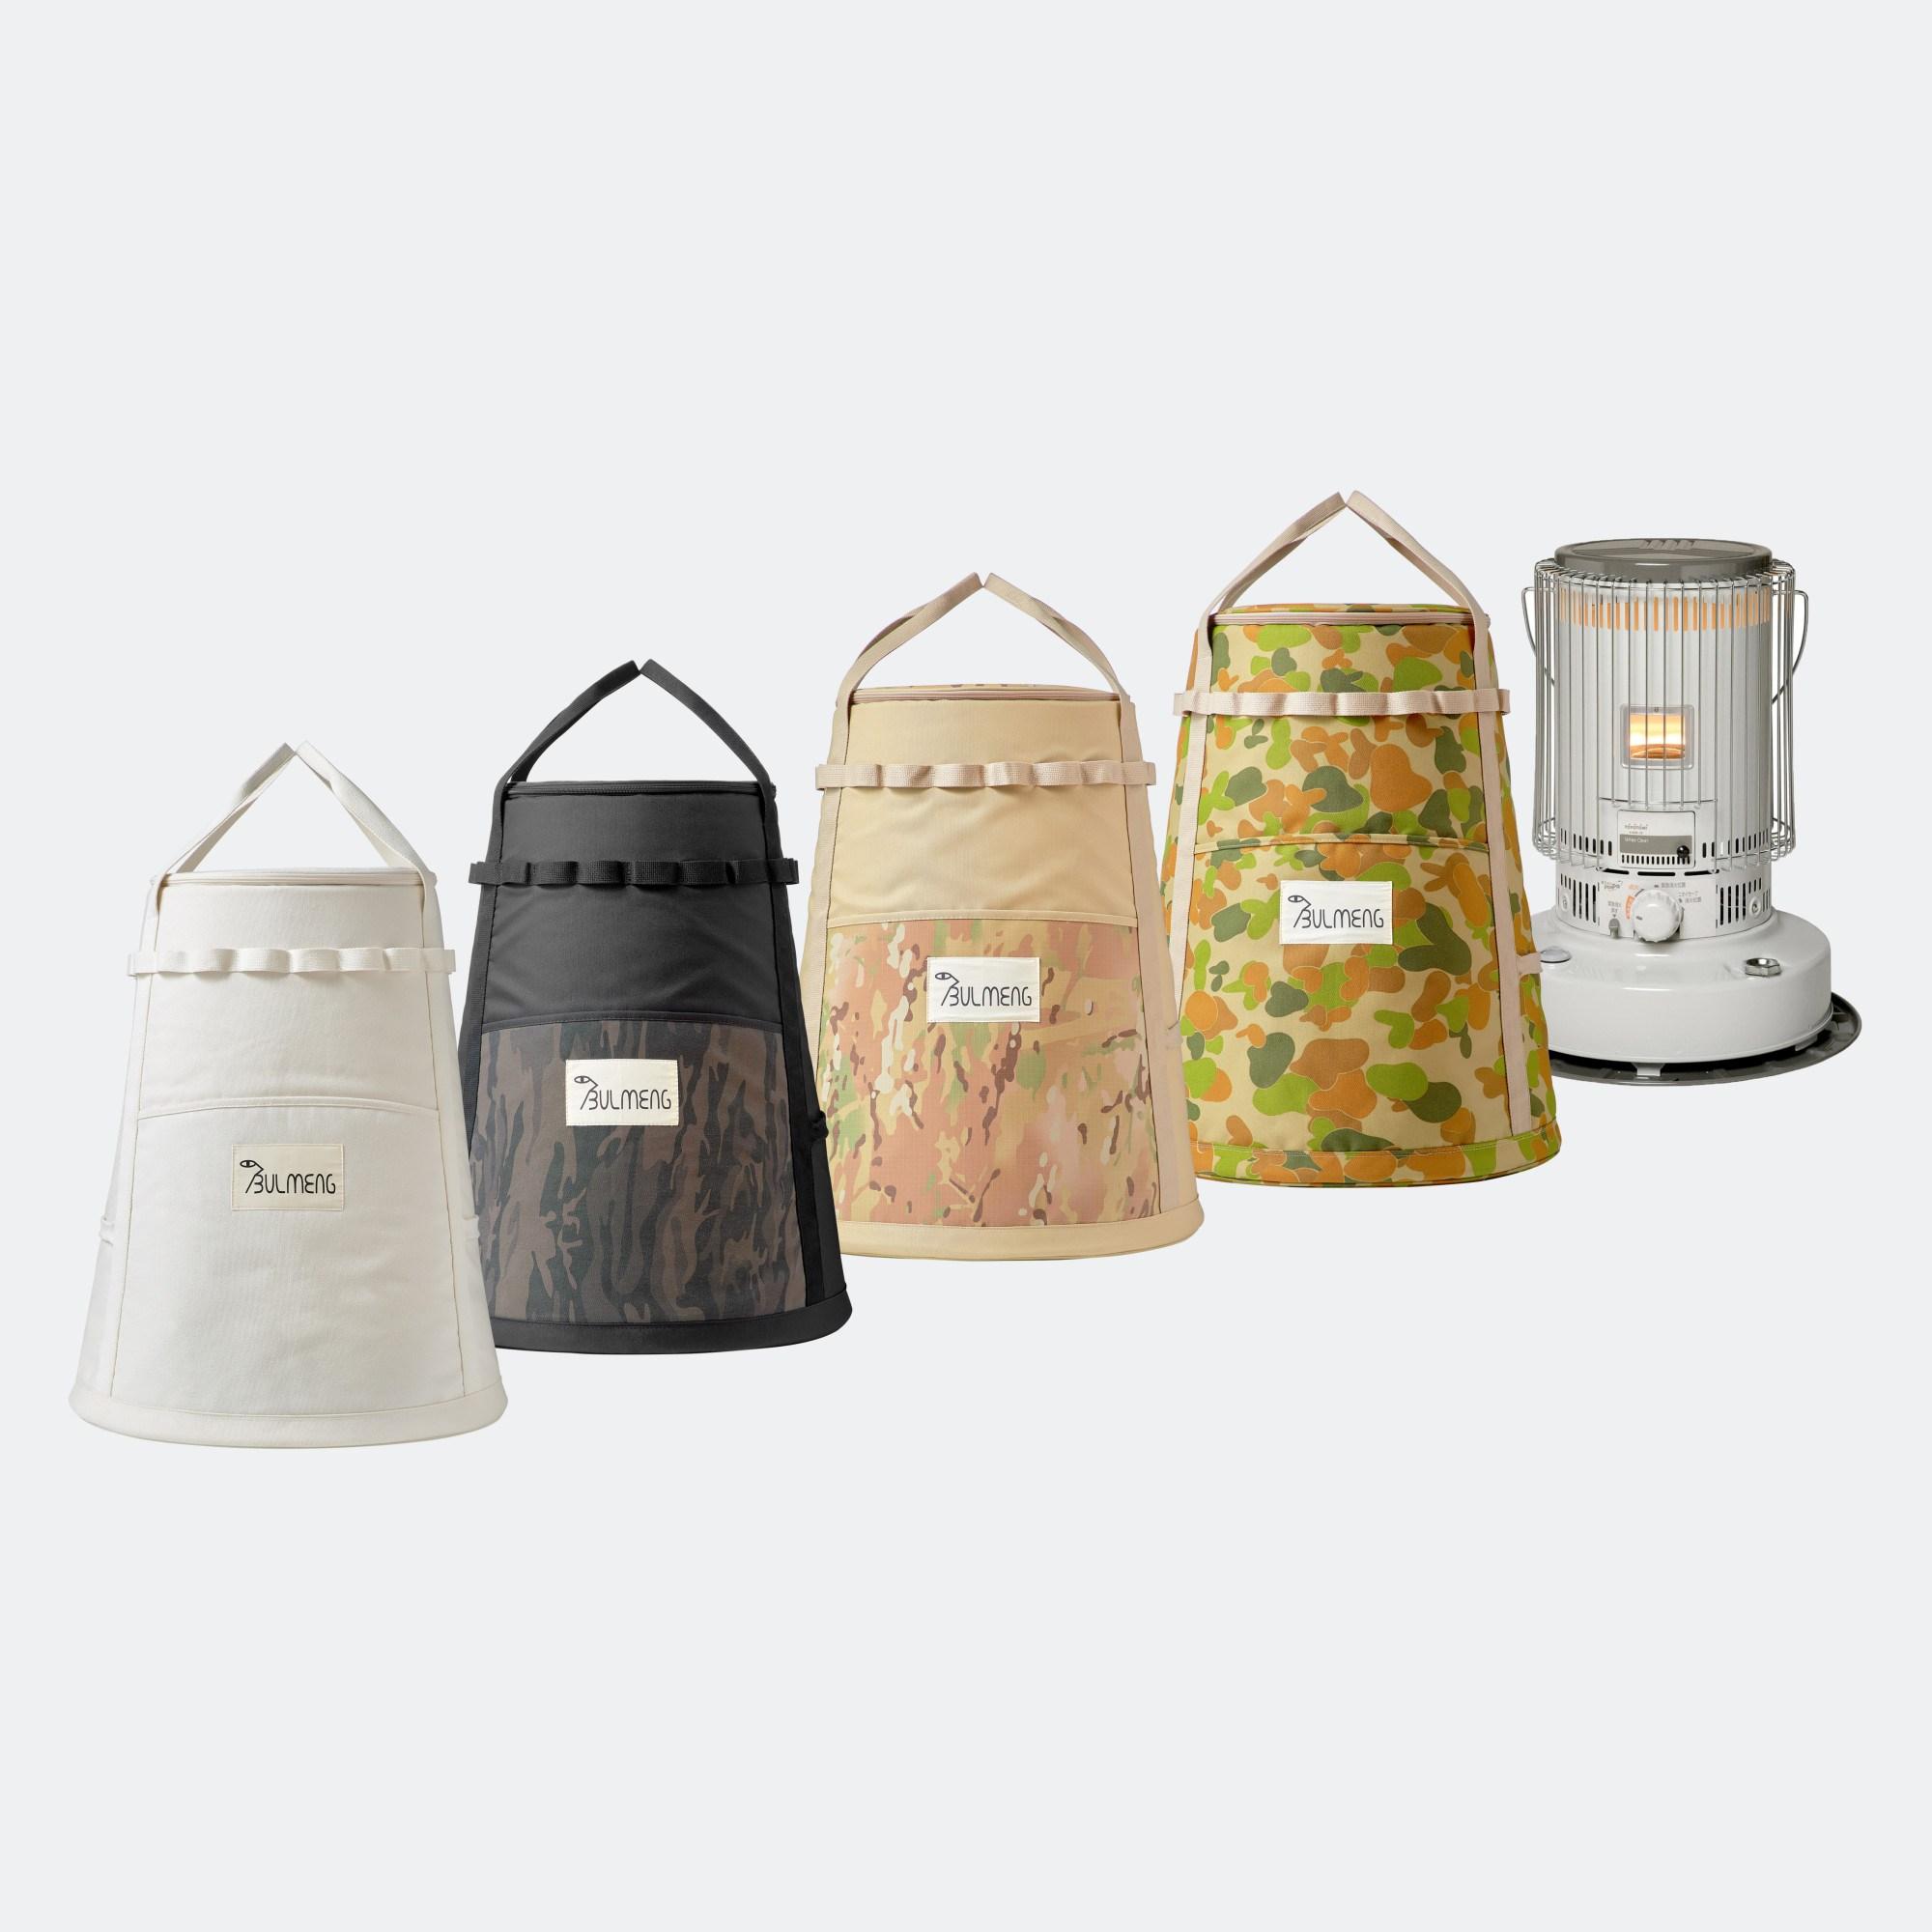 [불멍] 토요토미 옴니 230 캐리백 난로가방 감성 캐리백 감성캠핑 밀리터리 파세코